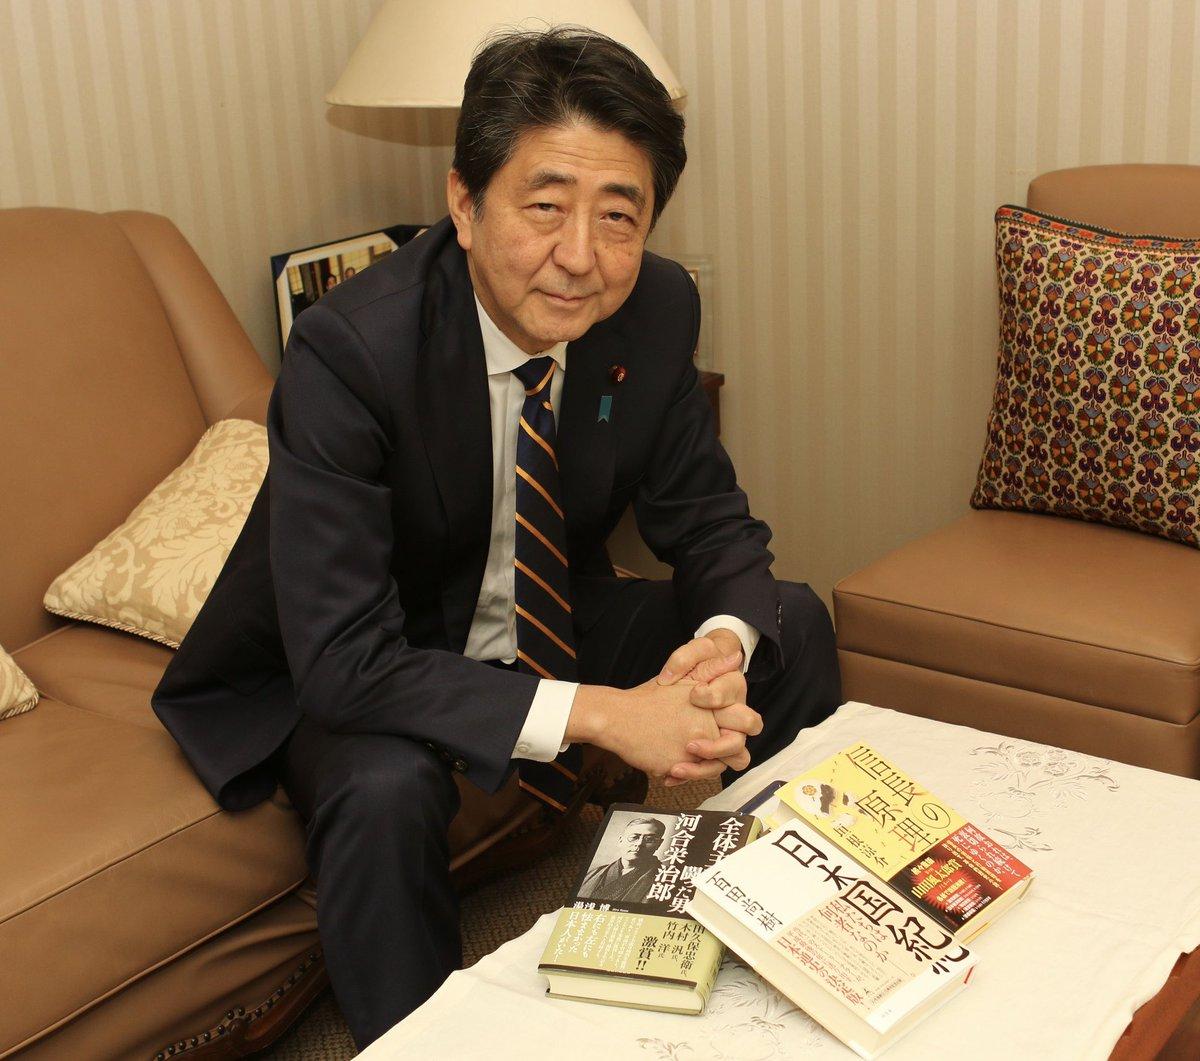 【安倍首相】年末年始はゴルフ、映画鑑賞、読書で栄養補給…「日本国記」他3冊を購入